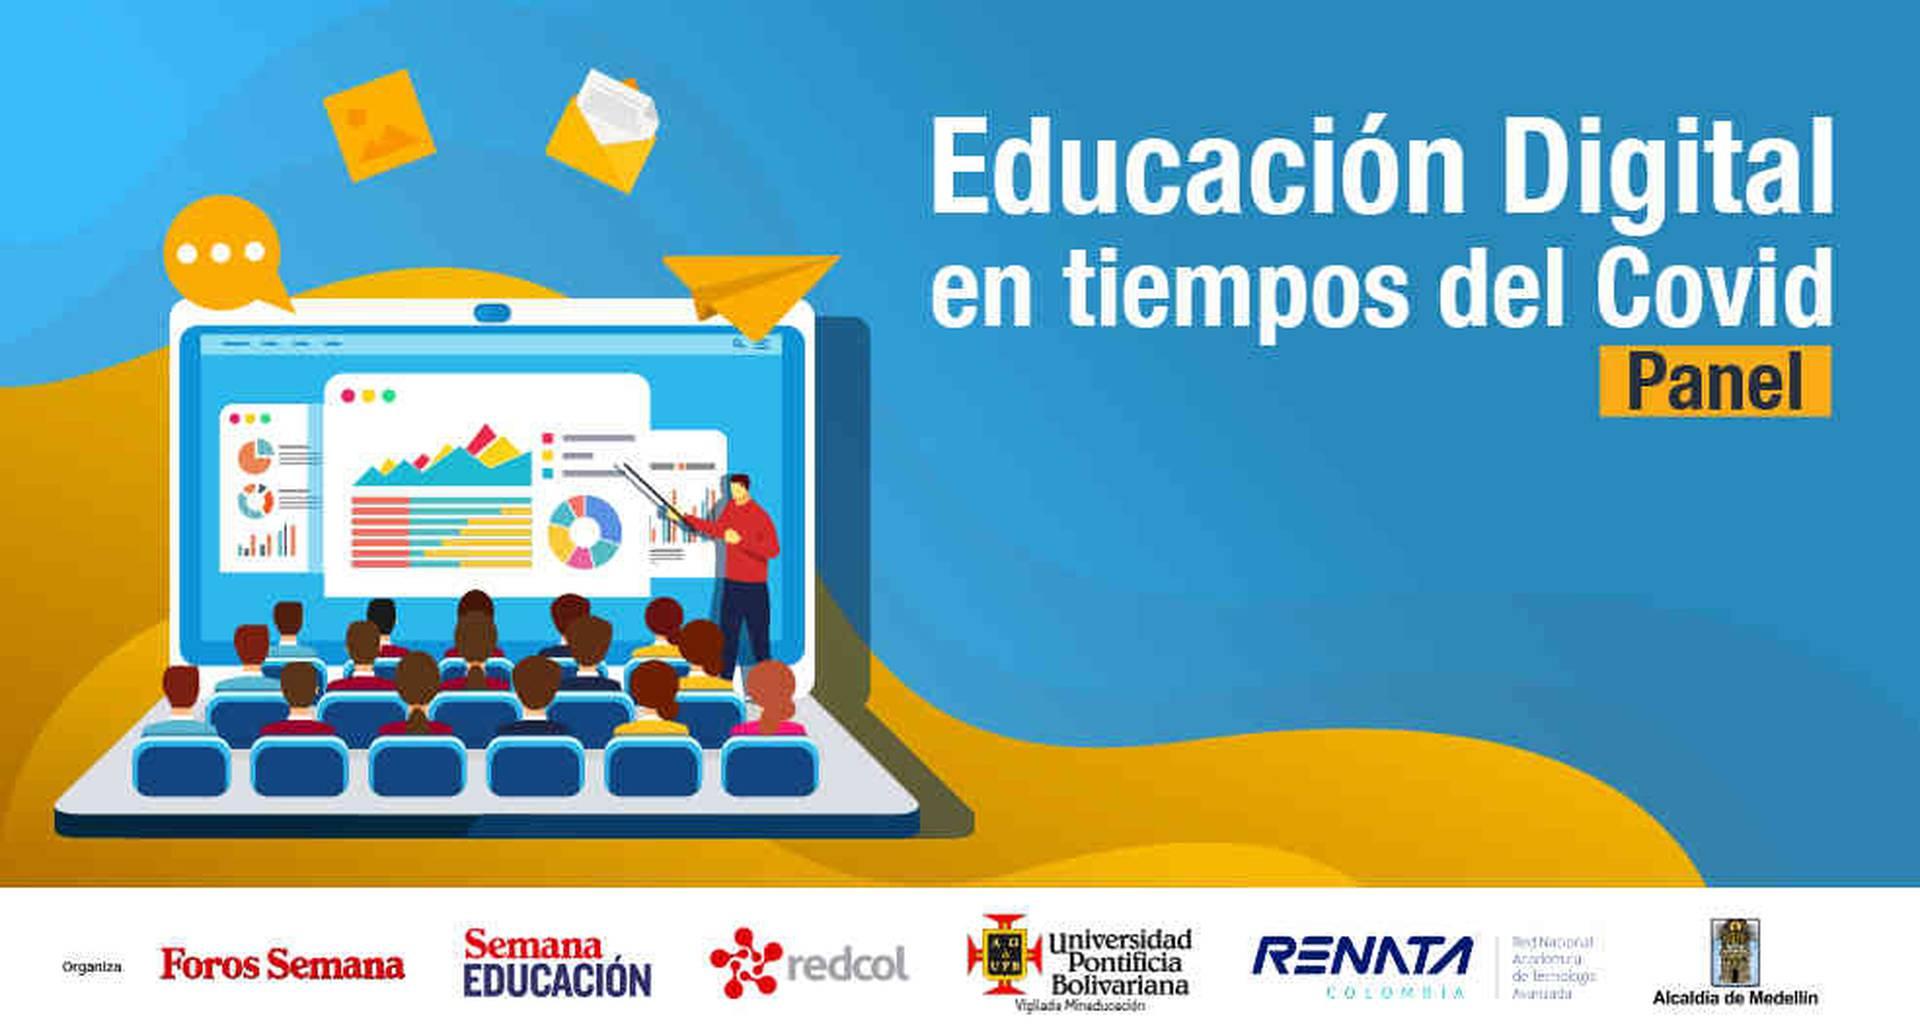 Coronavirus en Colombia: educación digital en tiempos de covid-19